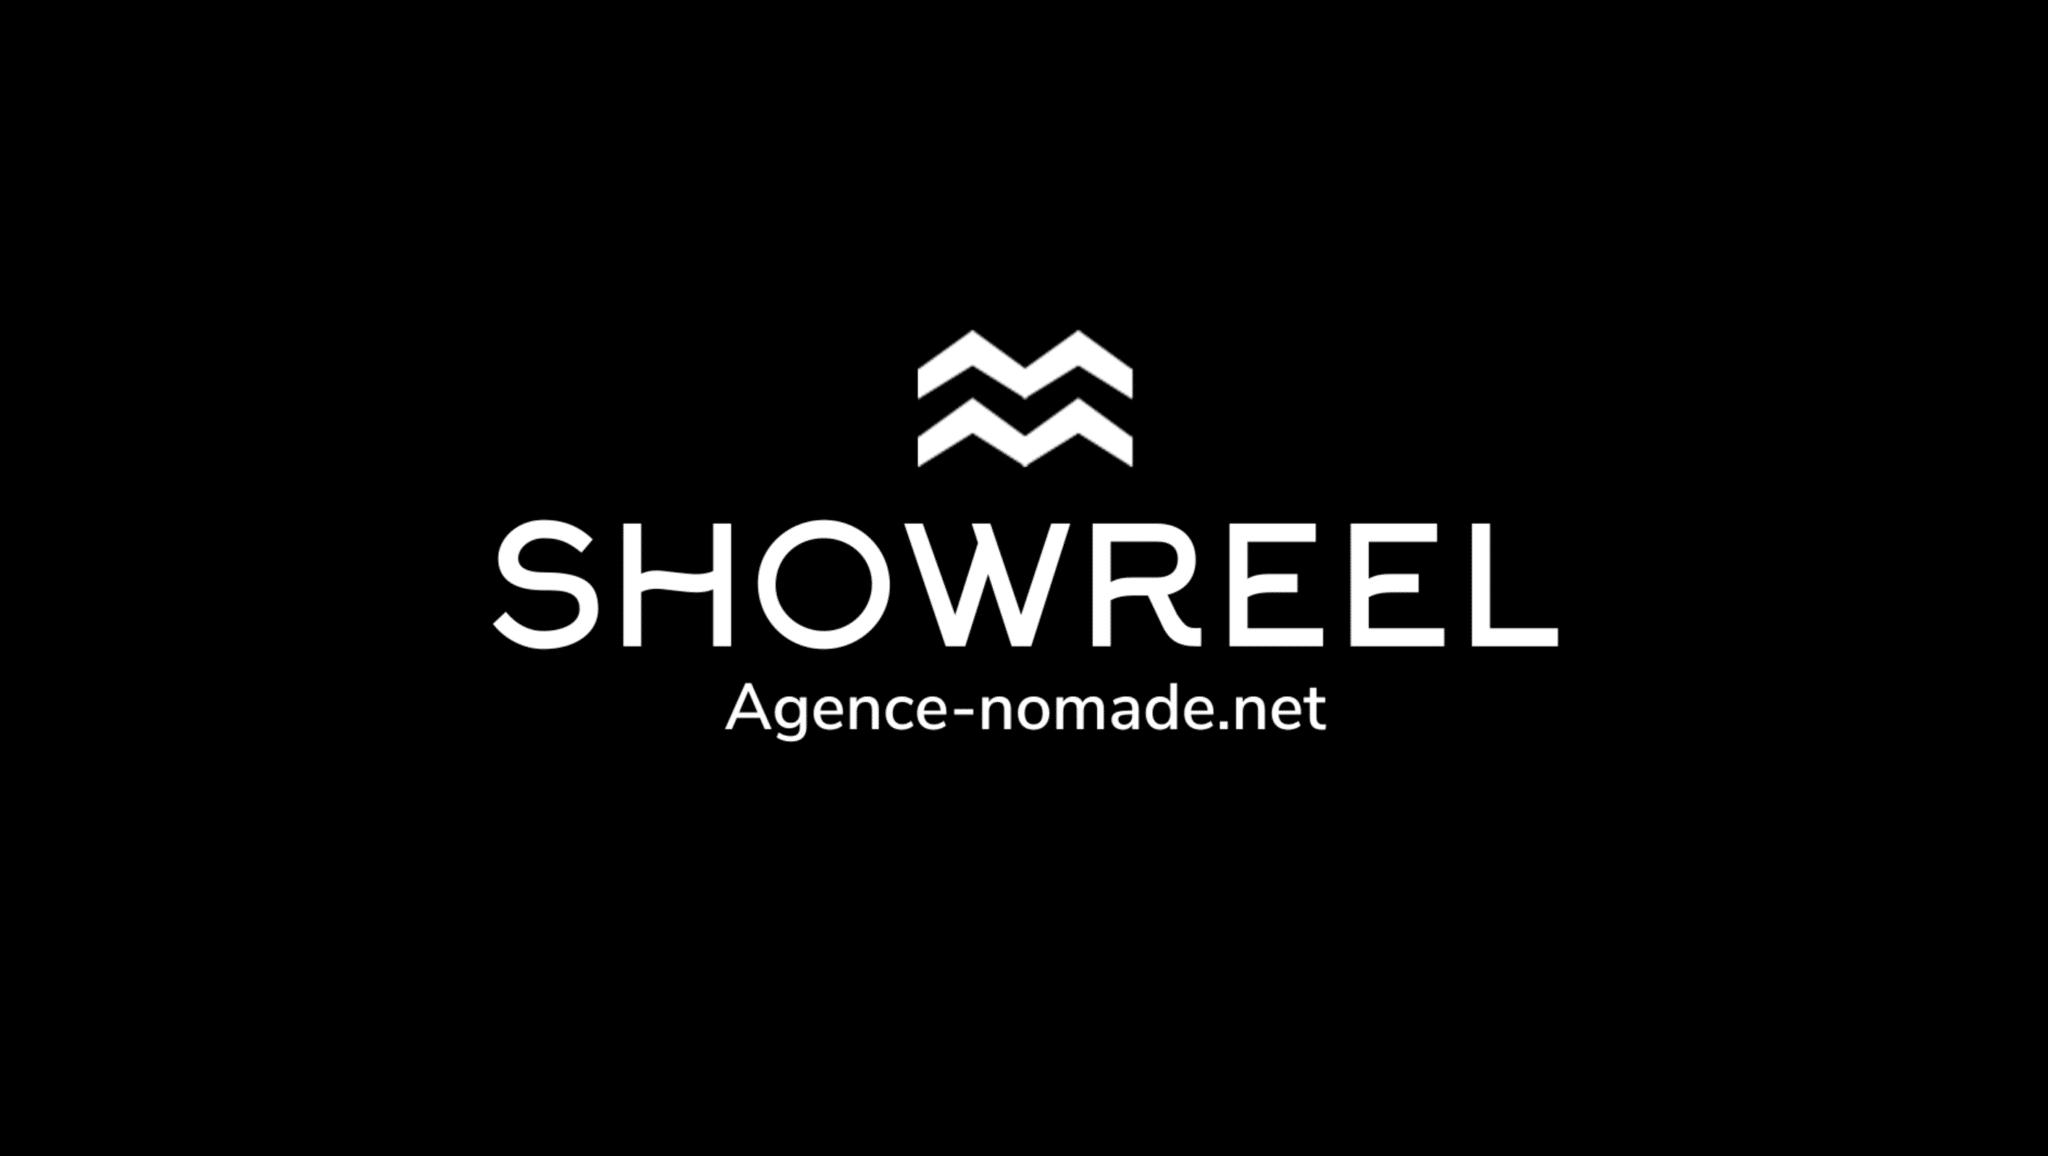 Showreel 2020 agence-nomade.net